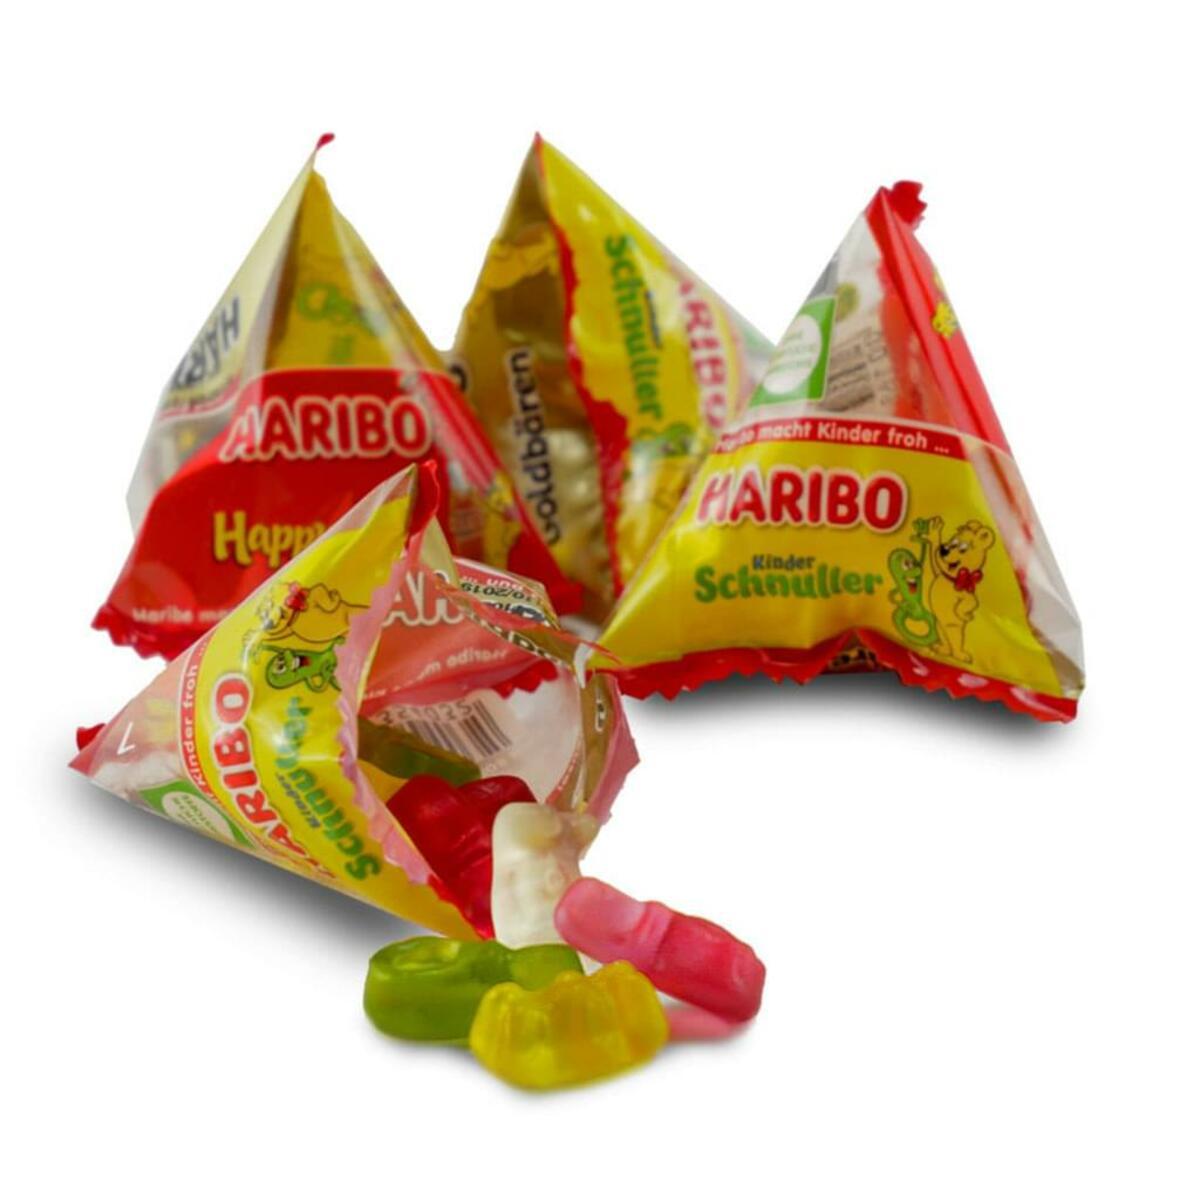 Bild 5 von Haribo Pyramidos Fruchtgummi, Gummibärchen, Colaflaschen, Süßigkeiten, in Mini-Beuteln, 750 g